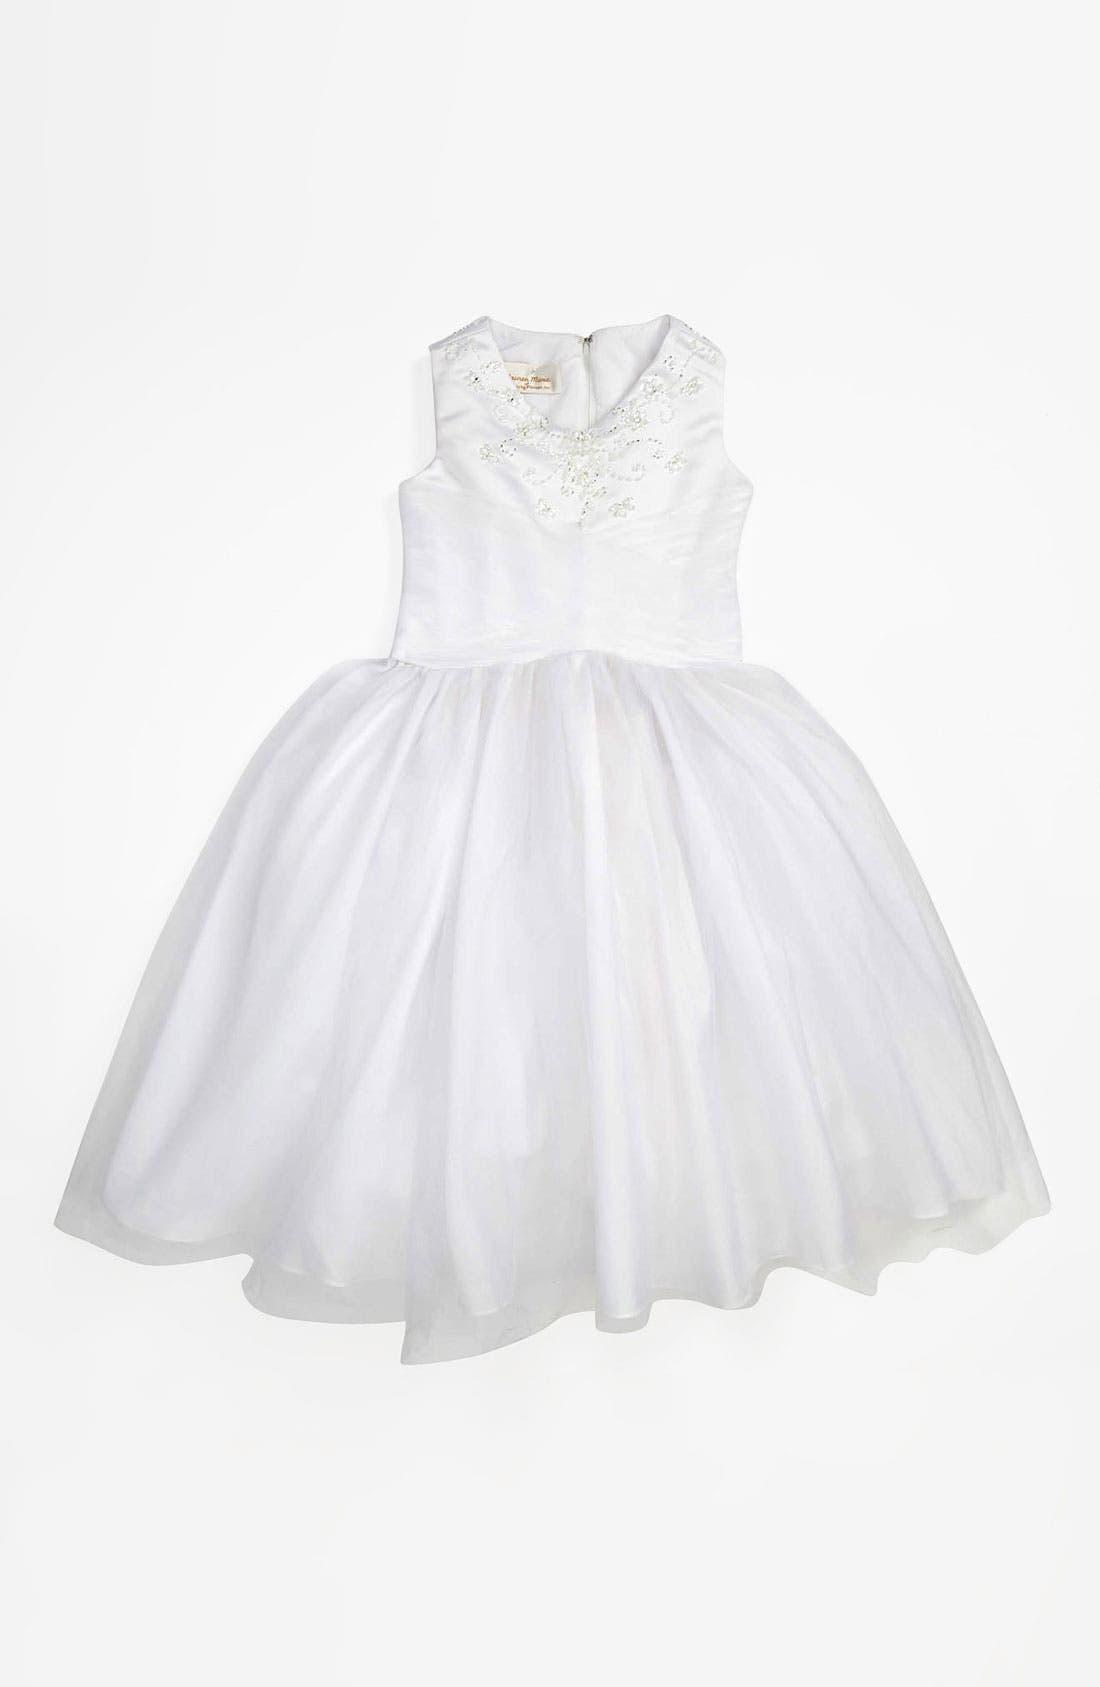 Alternate Image 1 Selected - Lauren Marie Tulle Dress (Little Girls & Big Girls)